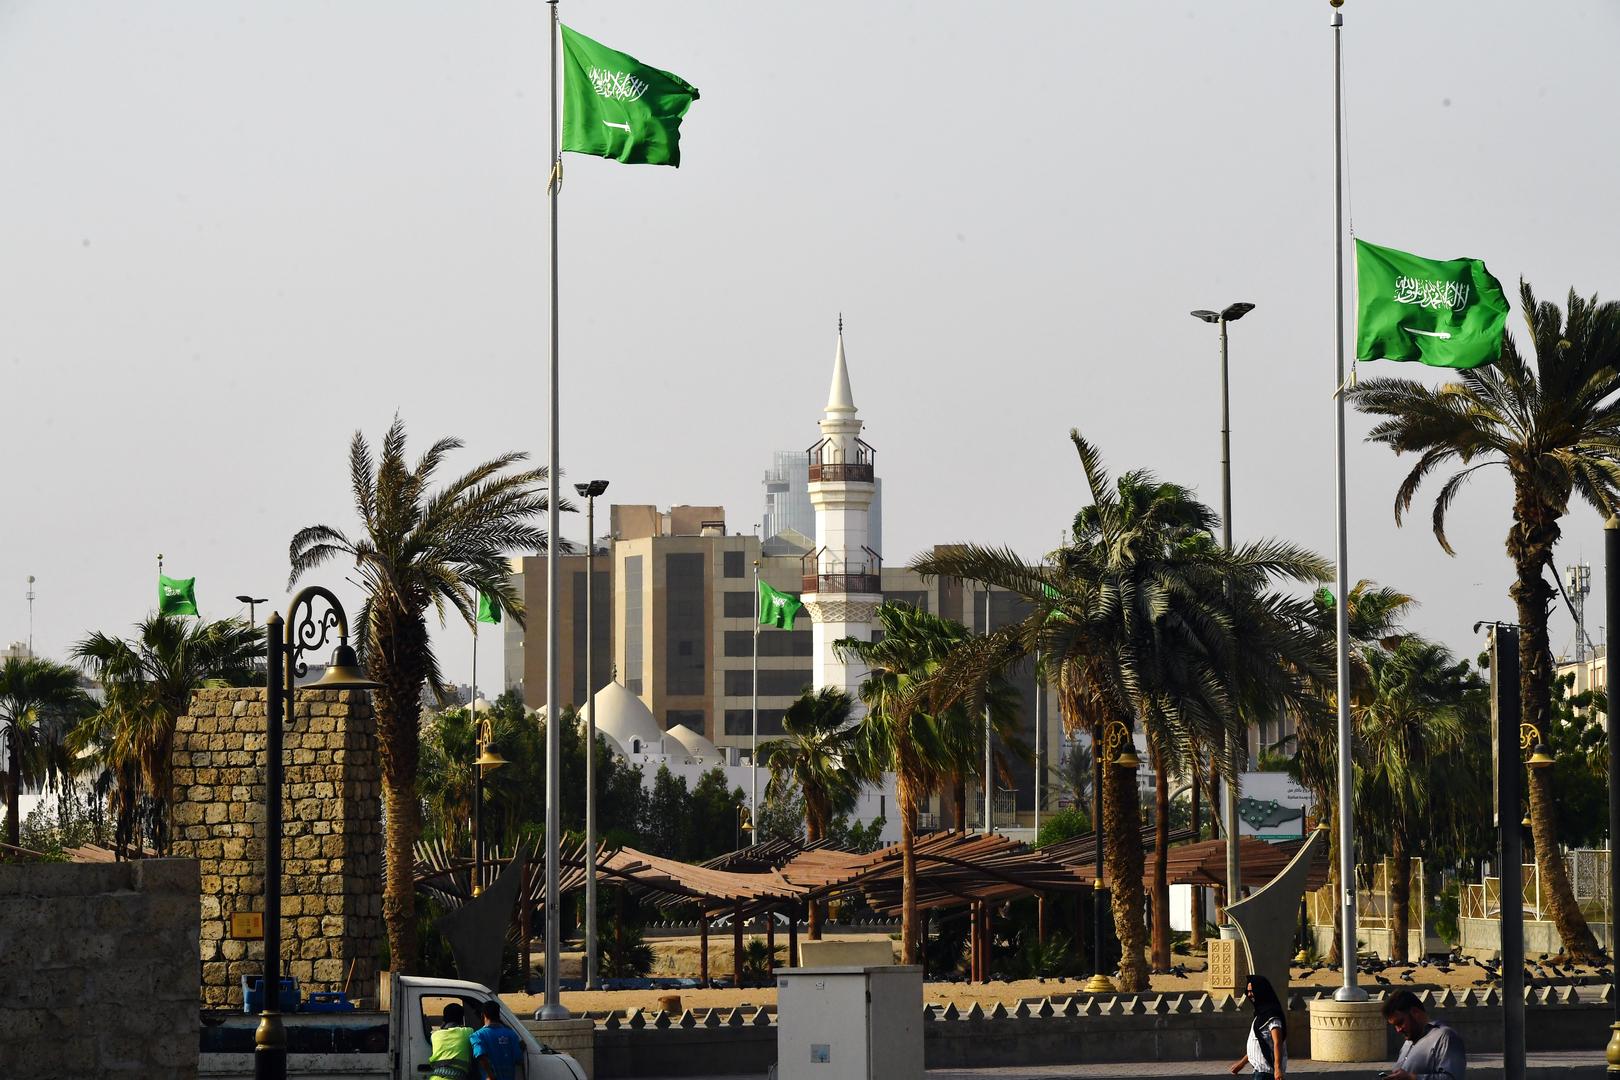 وزير الحرس الوطني السعودي يشهد توقيع ثلاث مذكرات تفاهم مع شركات عربية وأجنبية